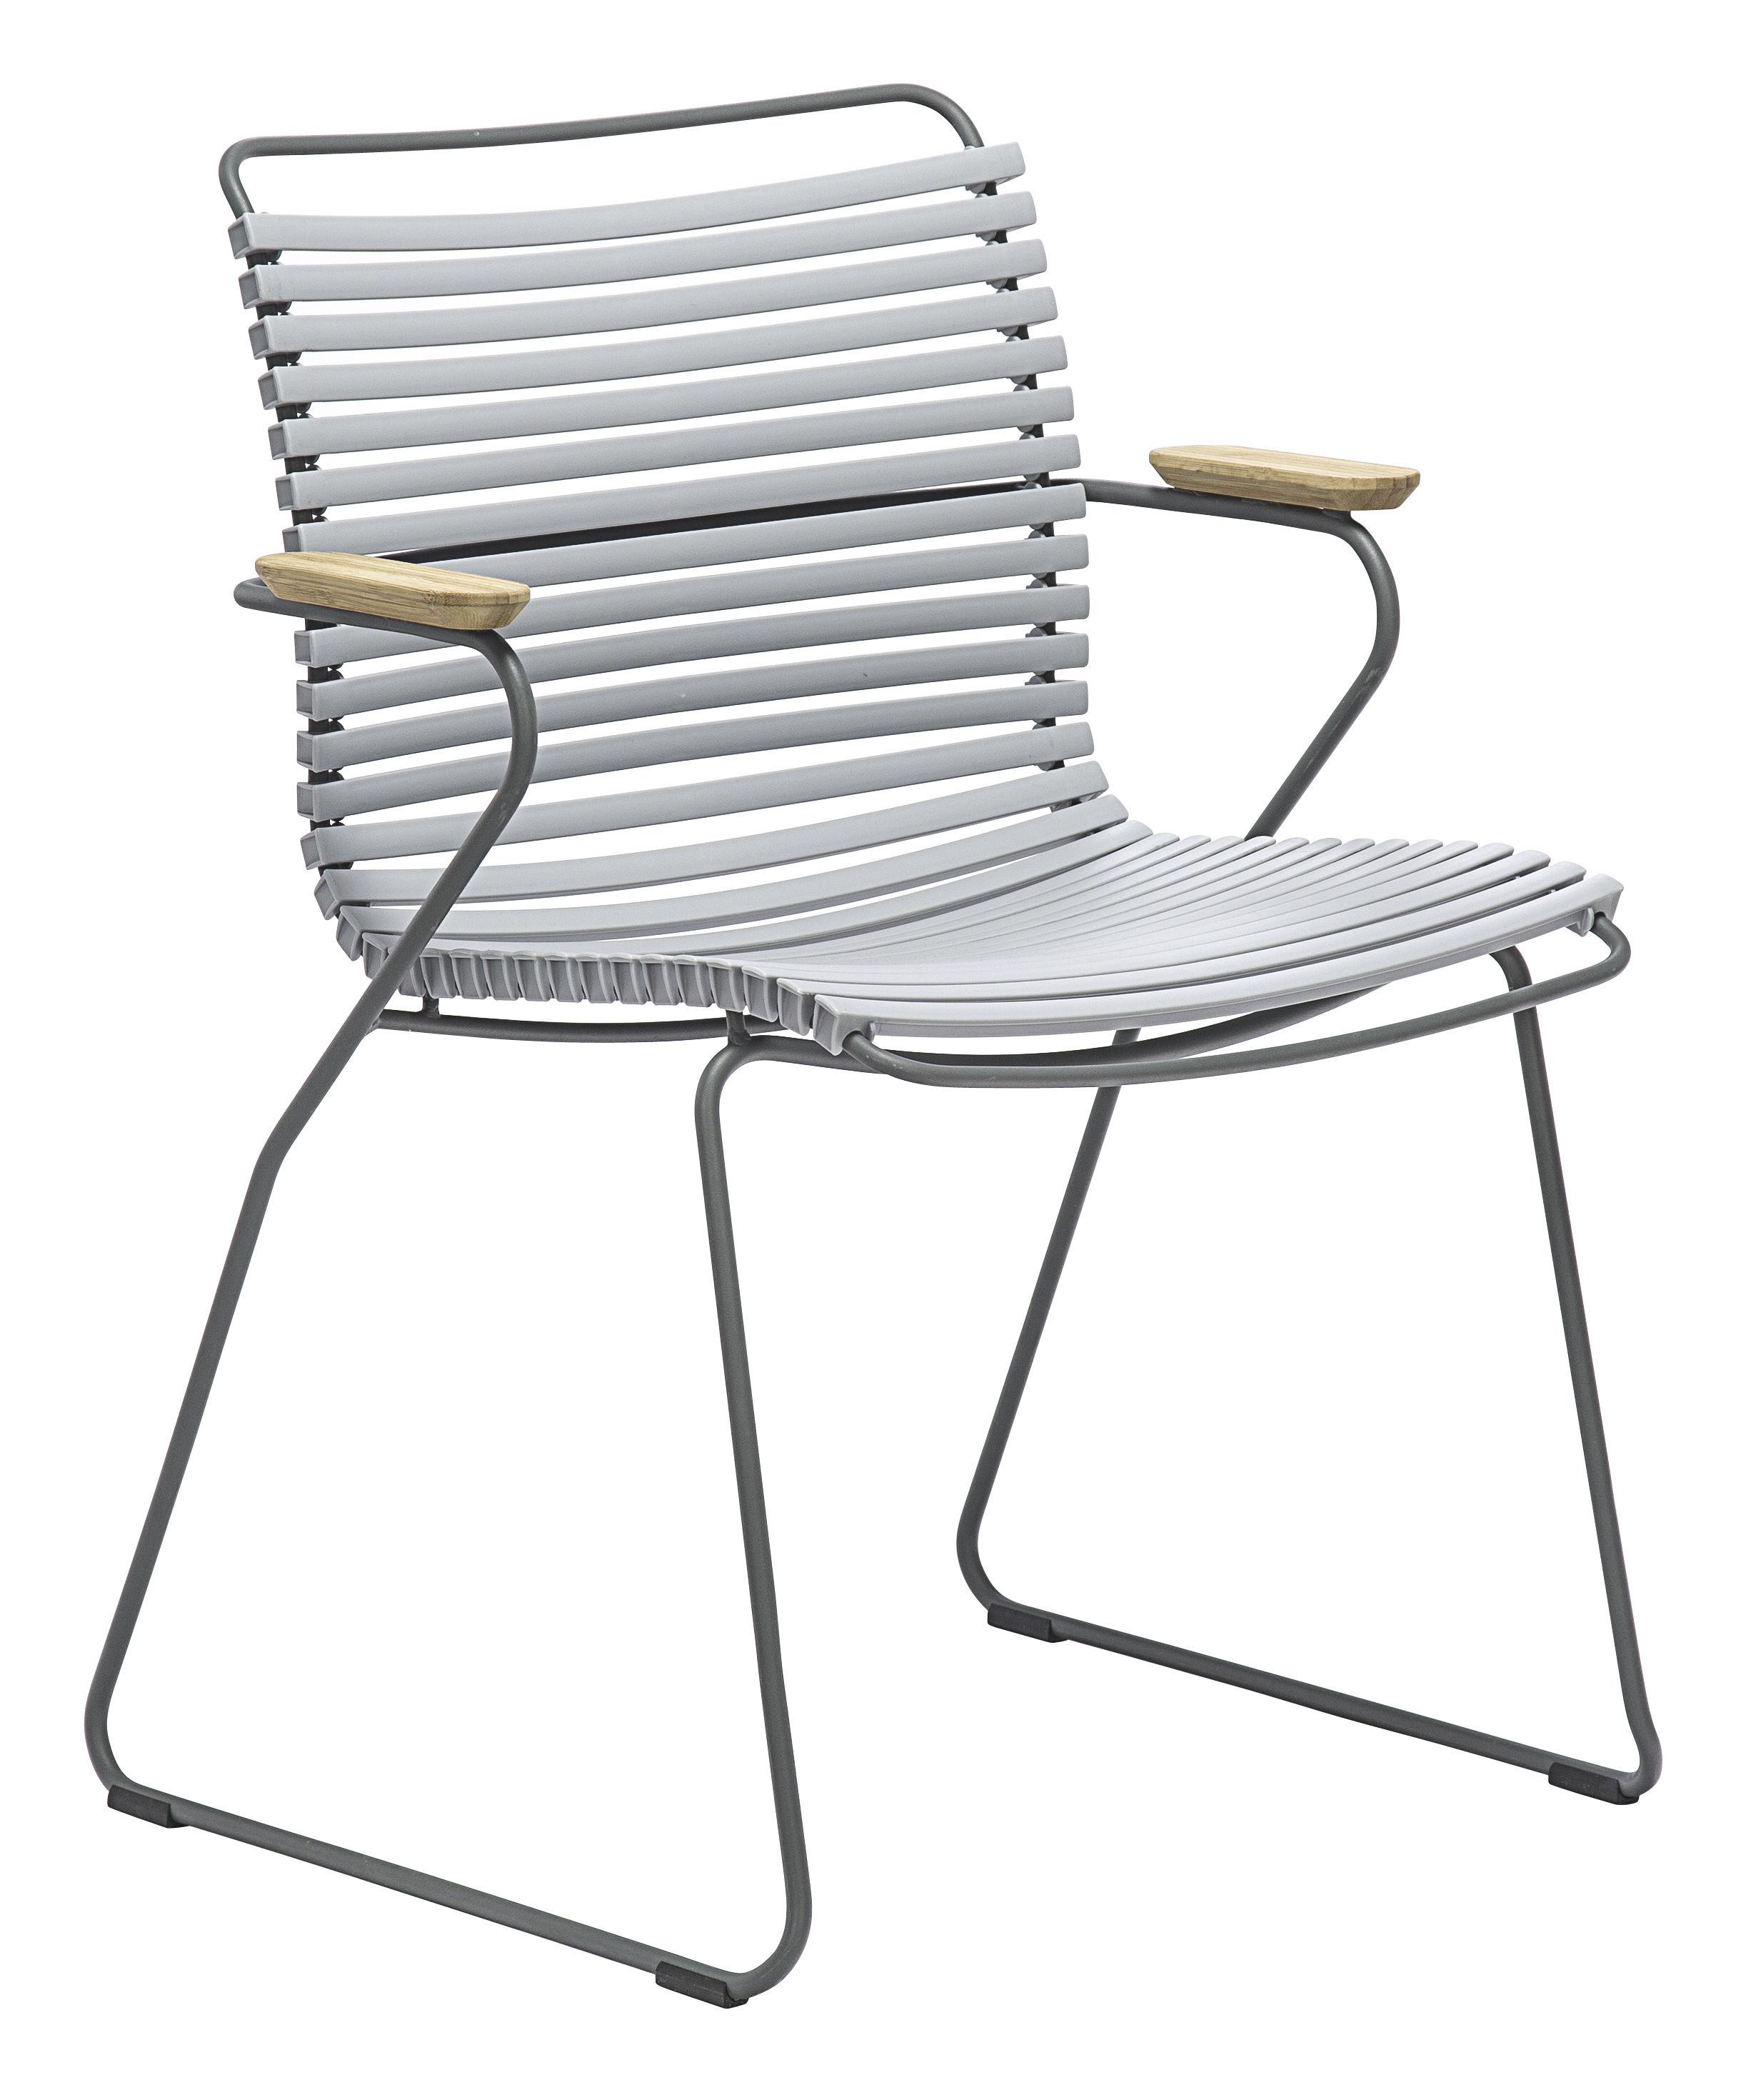 Mobilier - Chaises, fauteuils de salle à manger - Fauteuil Click / Plastique & accoudoirs bambou - Houe - Gris - Bambou, Matière plastique, Métal